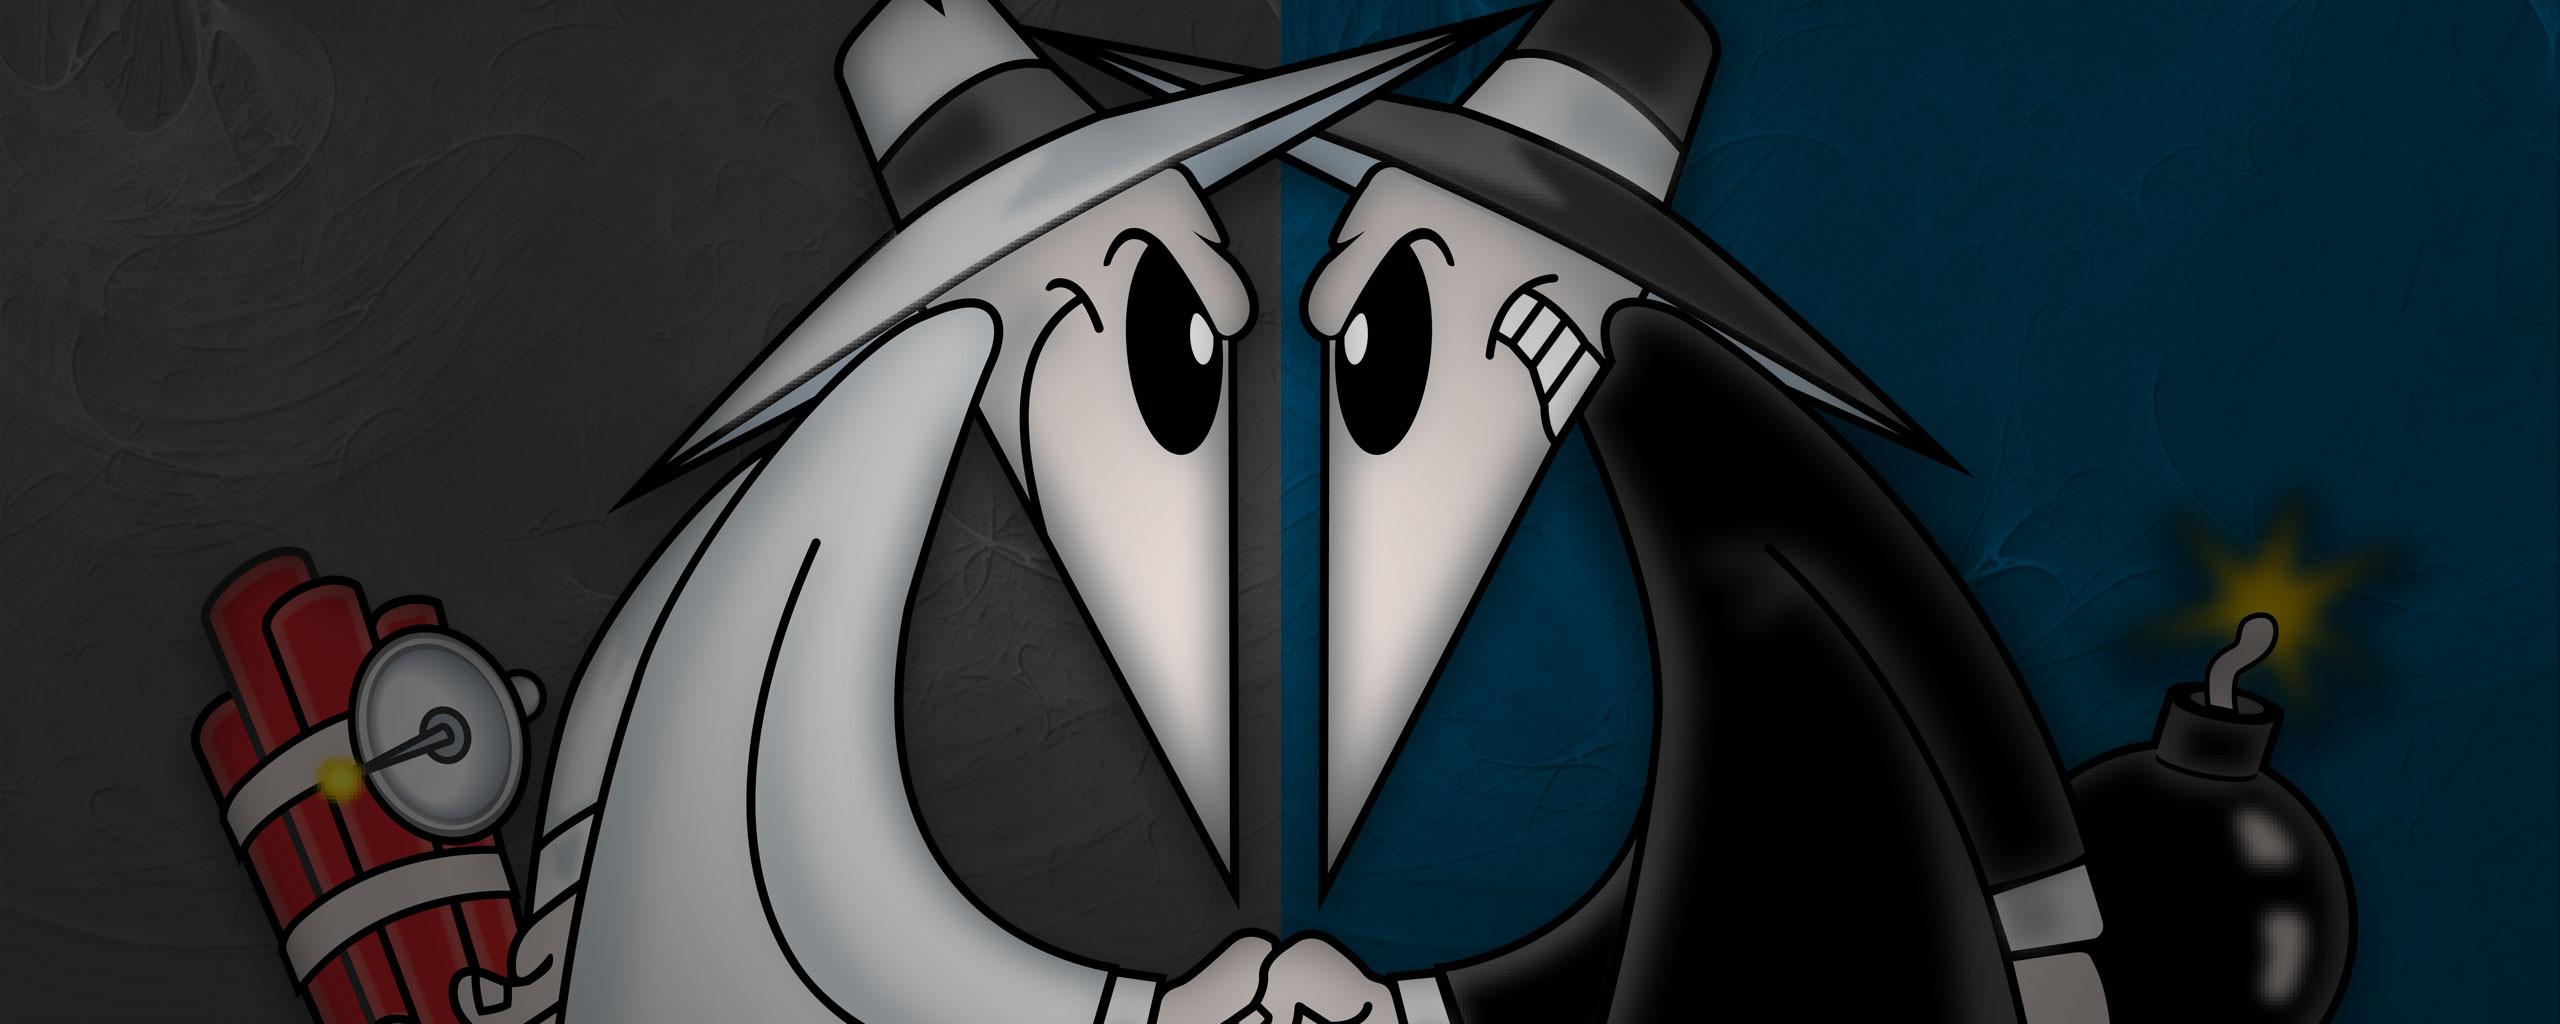 spy vs spy.jpg